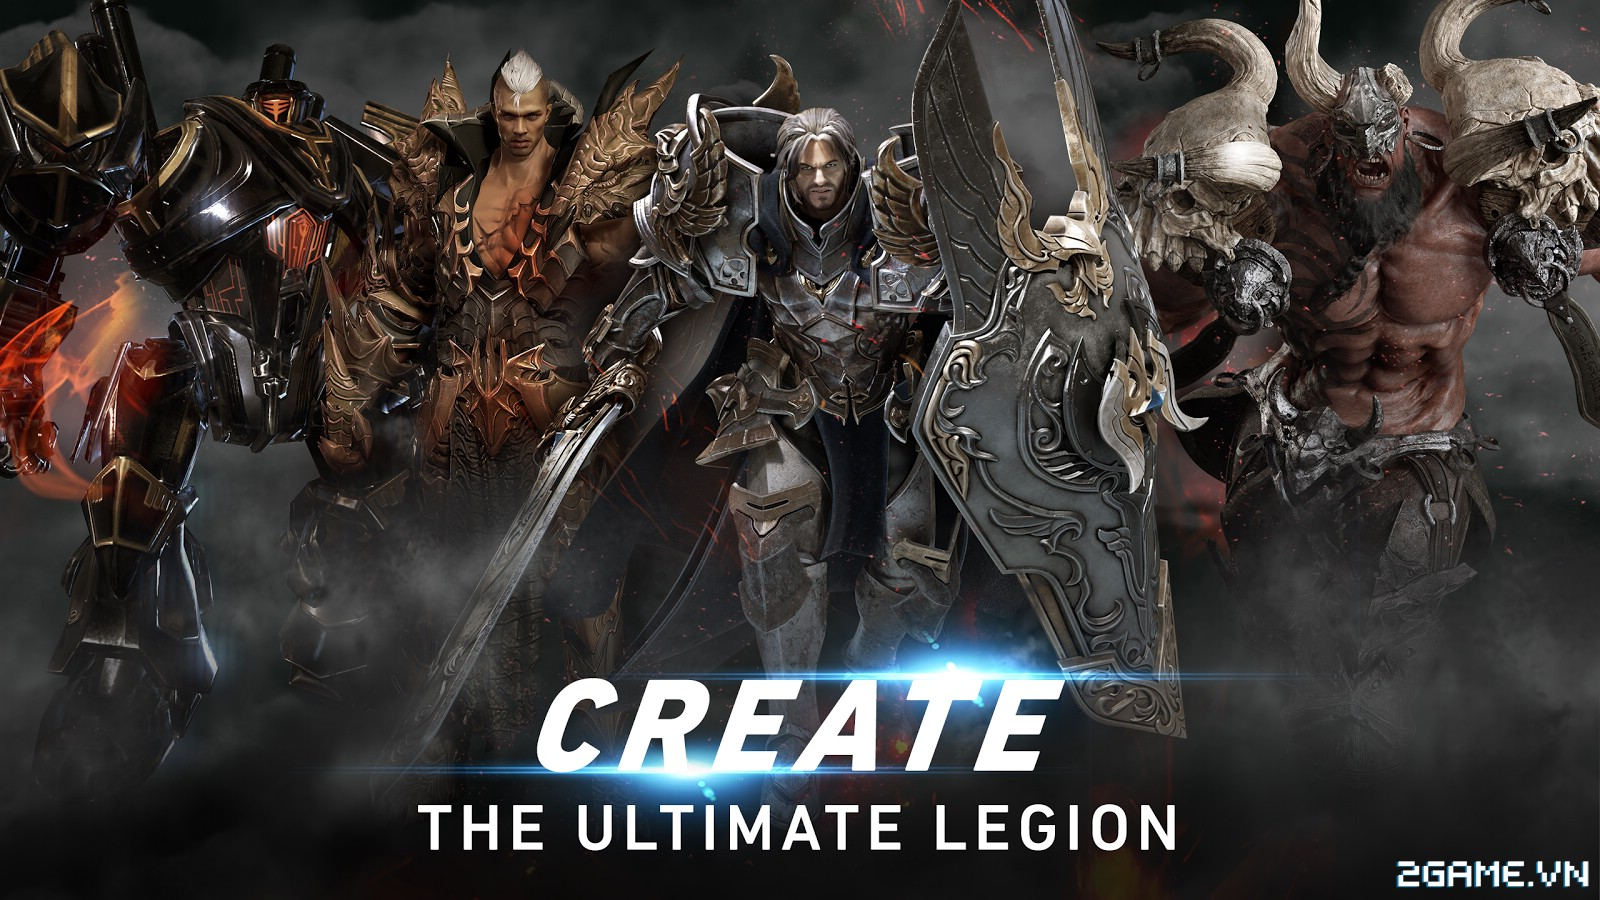 AION: Legions of War – Game nhập vai có đồ họa tuyệt mỹ, lối chơi đầy sáng tạo 0